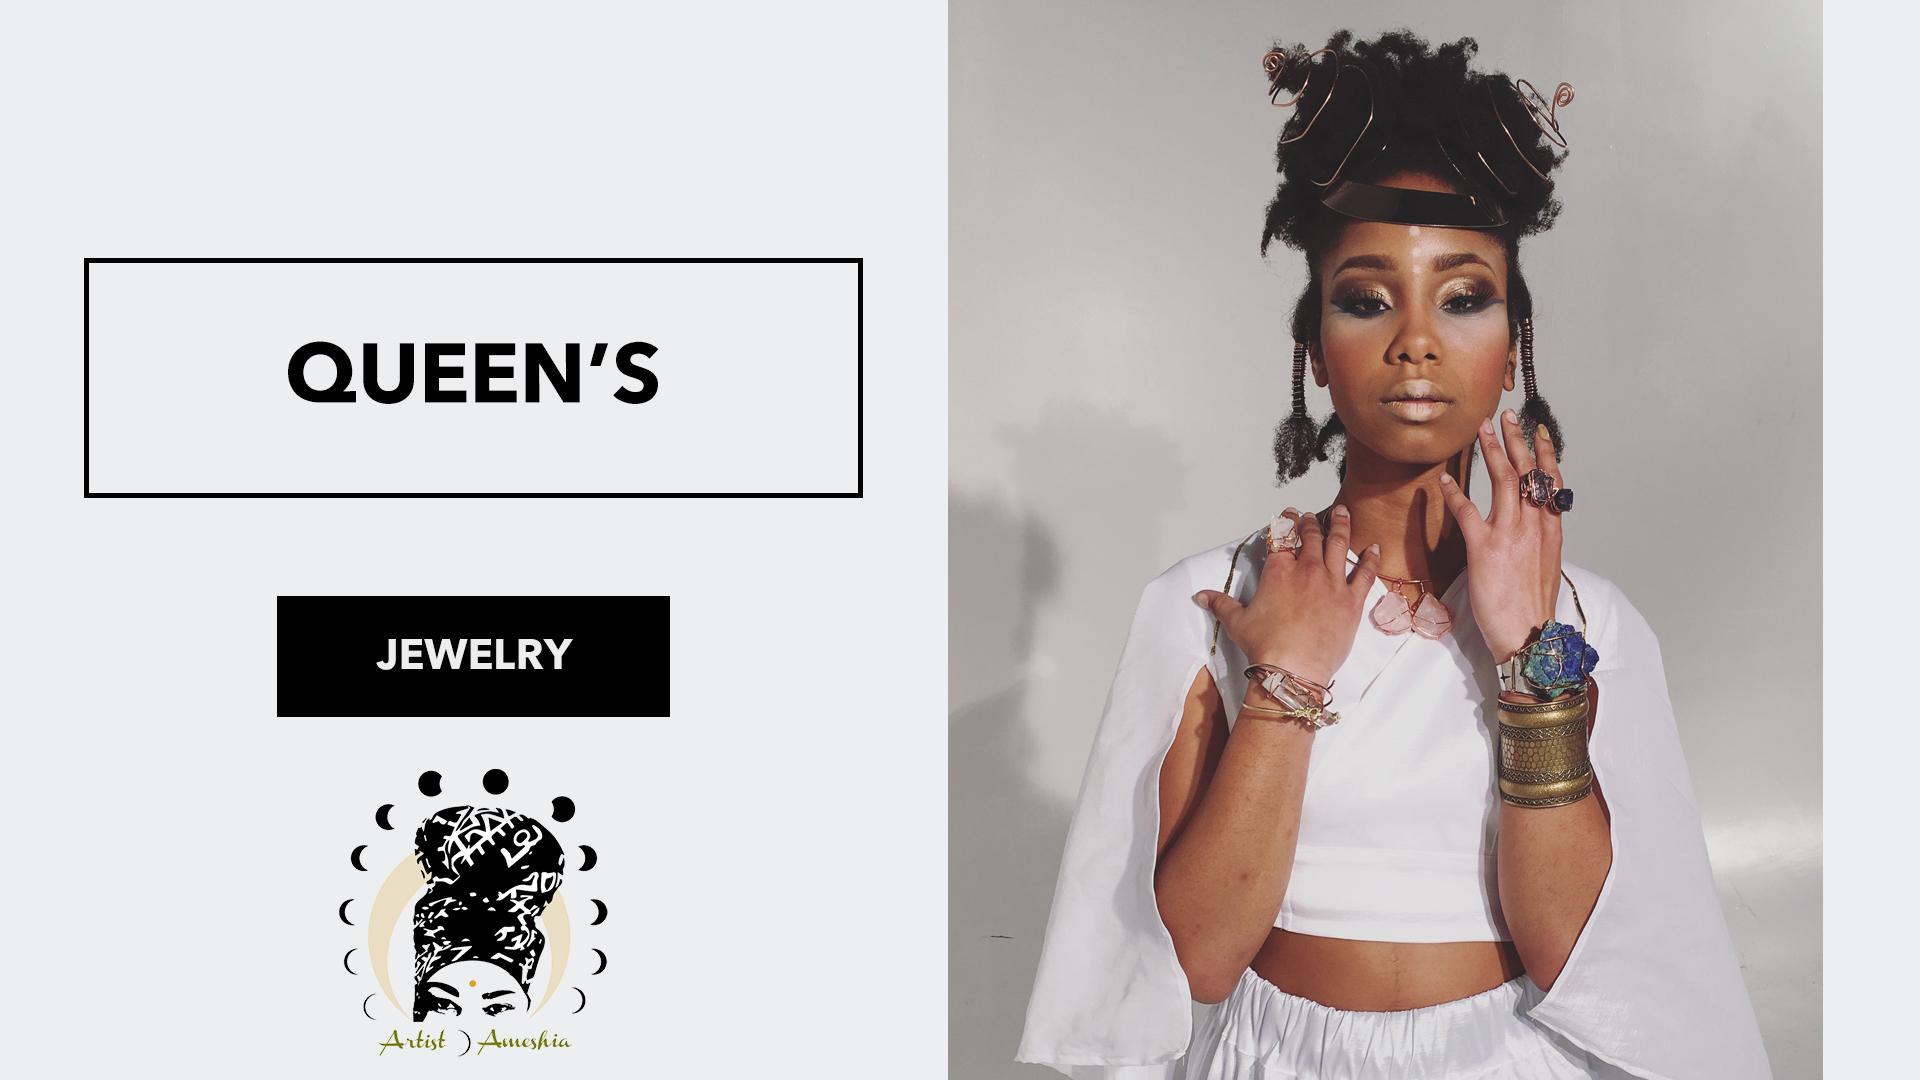 queens-homepage.jpg